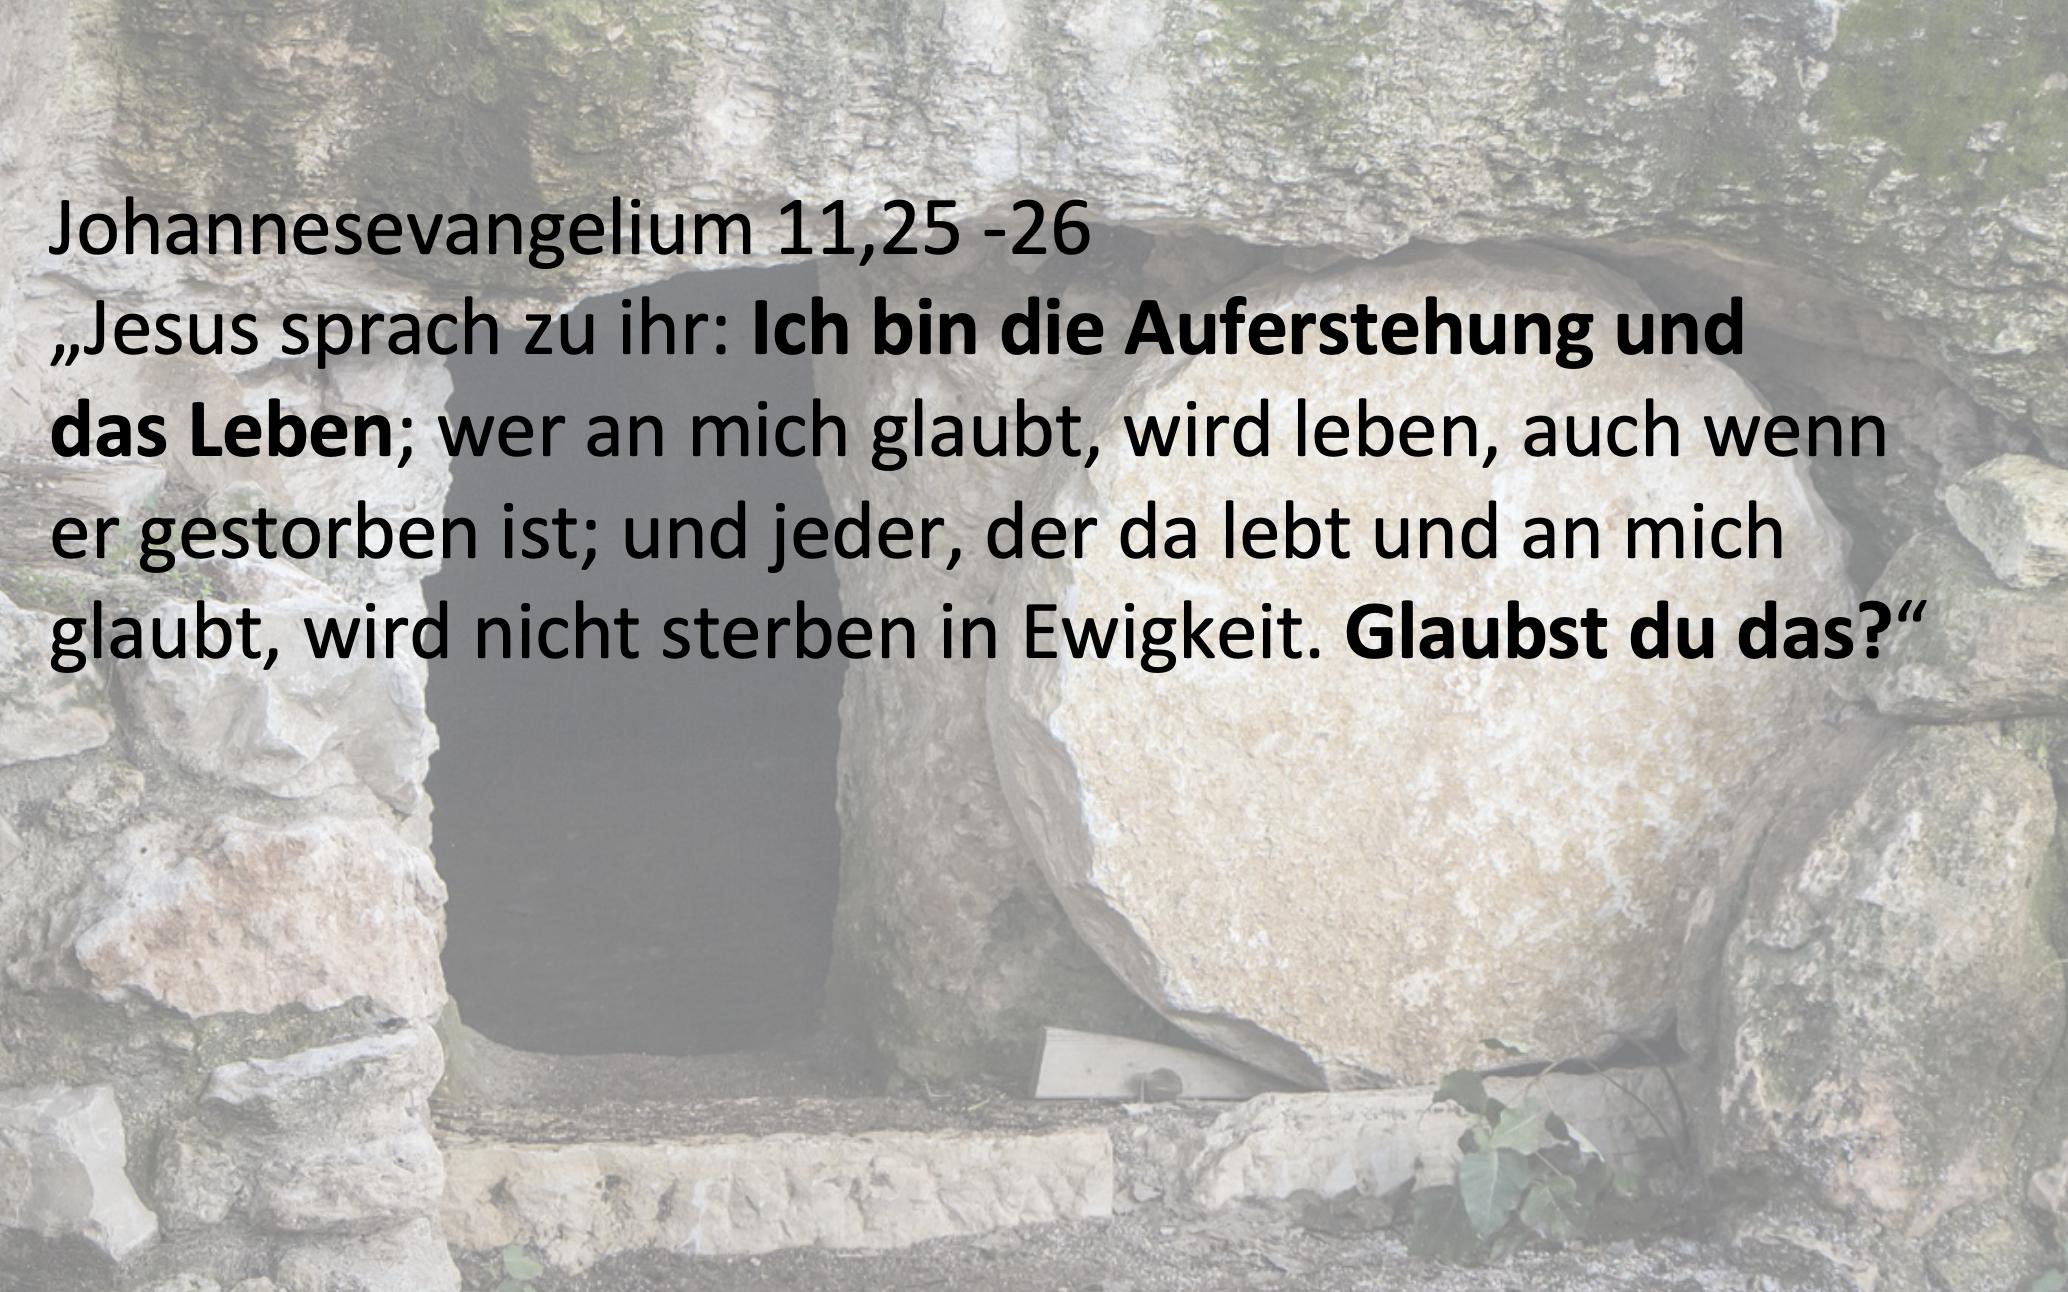 Auferstehung und das Leben